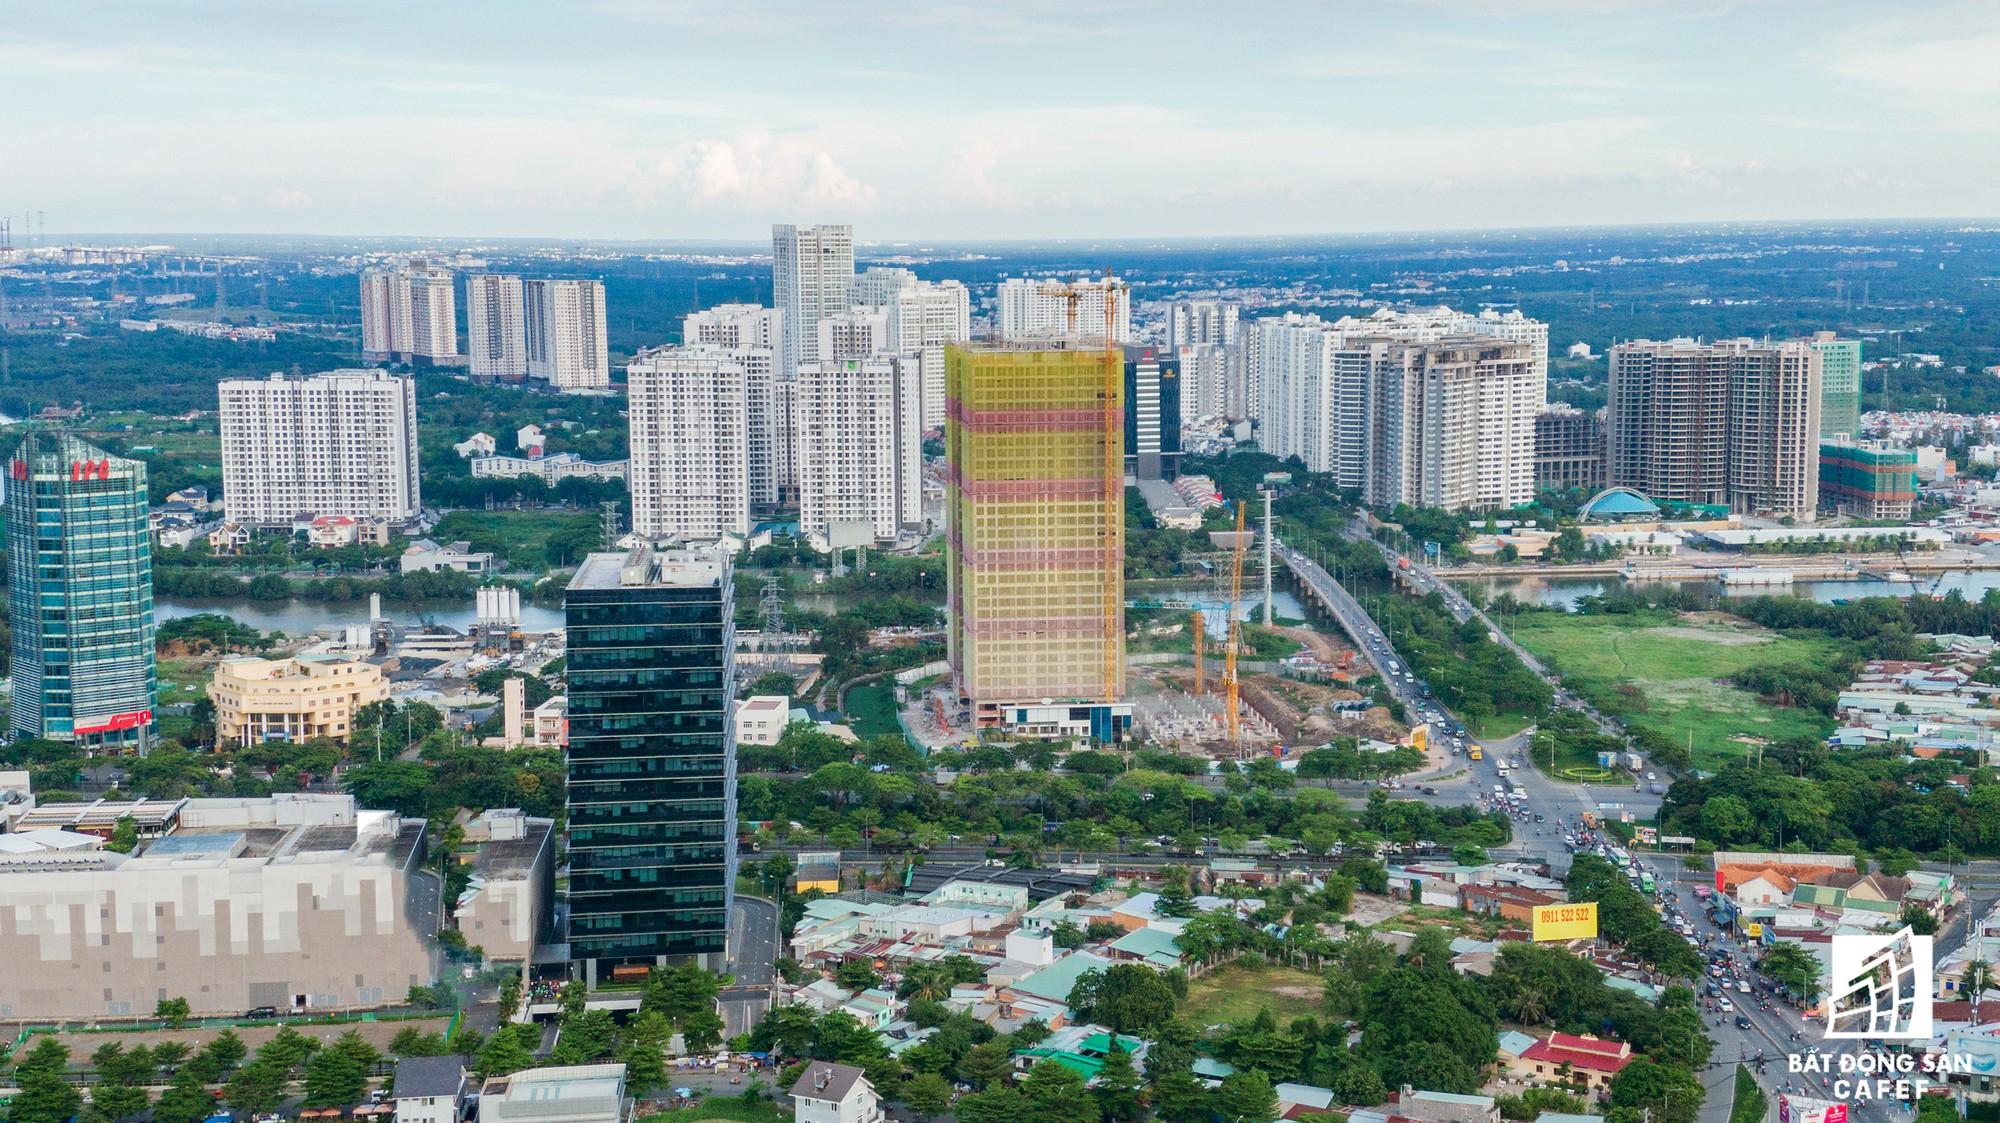 Toàn cảnh đại lộ tỷ đô đã tạo nên một thị trường bất động sản rất riêng cho khu Nam Sài Gòn - Ảnh 21. Toàn cảnh đại lộ tỷ đô đã tạo nên một thị trường bất động sản rất riêng cho khu Nam Sài Gòn Toàn cảnh đại lộ tỷ đô đã tạo nên một thị trường bất động sản rất riêng cho khu Nam Sài Gòn hinh 32 1567220798464939619022